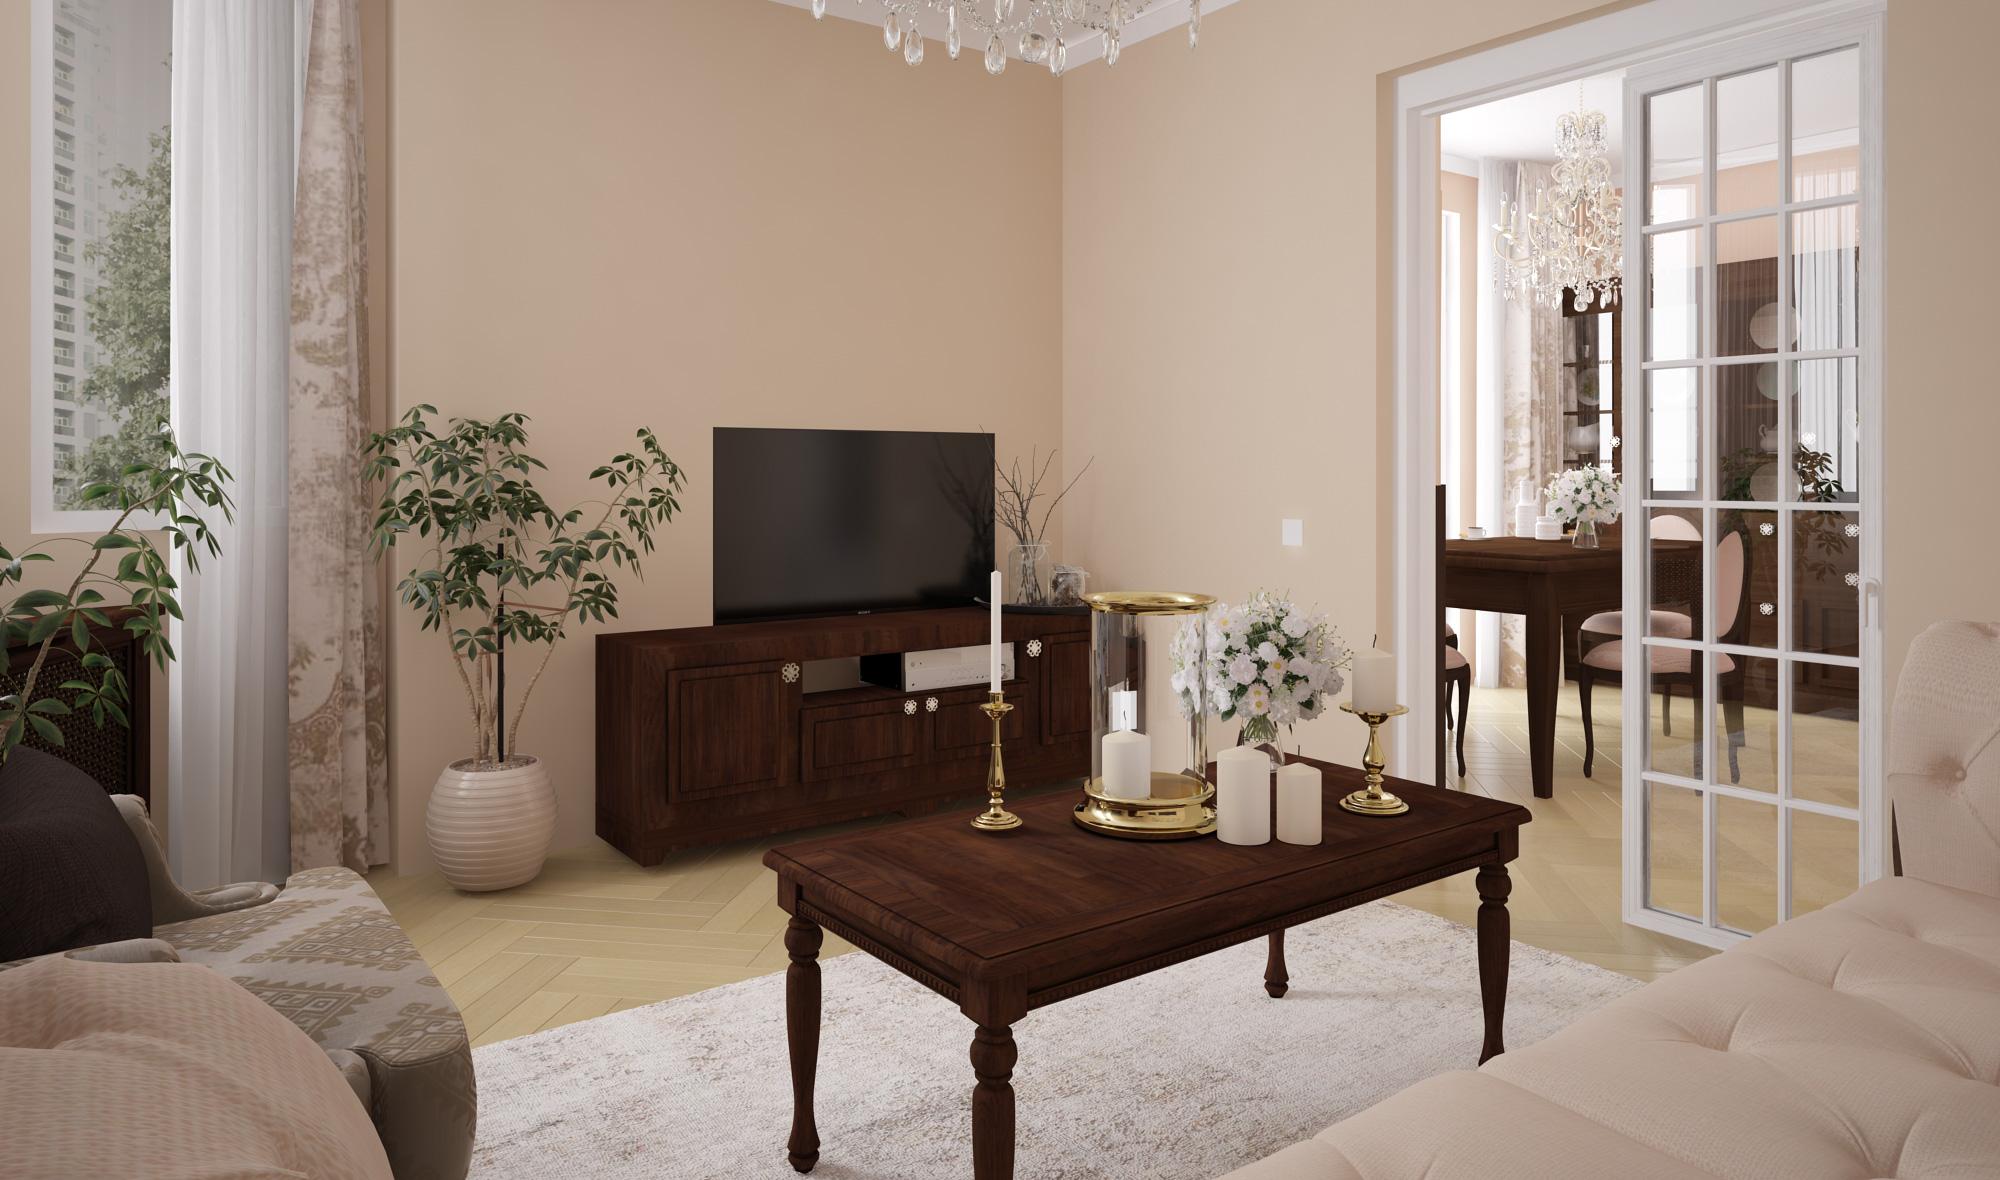 amenajare-interioara-apartament-cm-stil-clasic-5